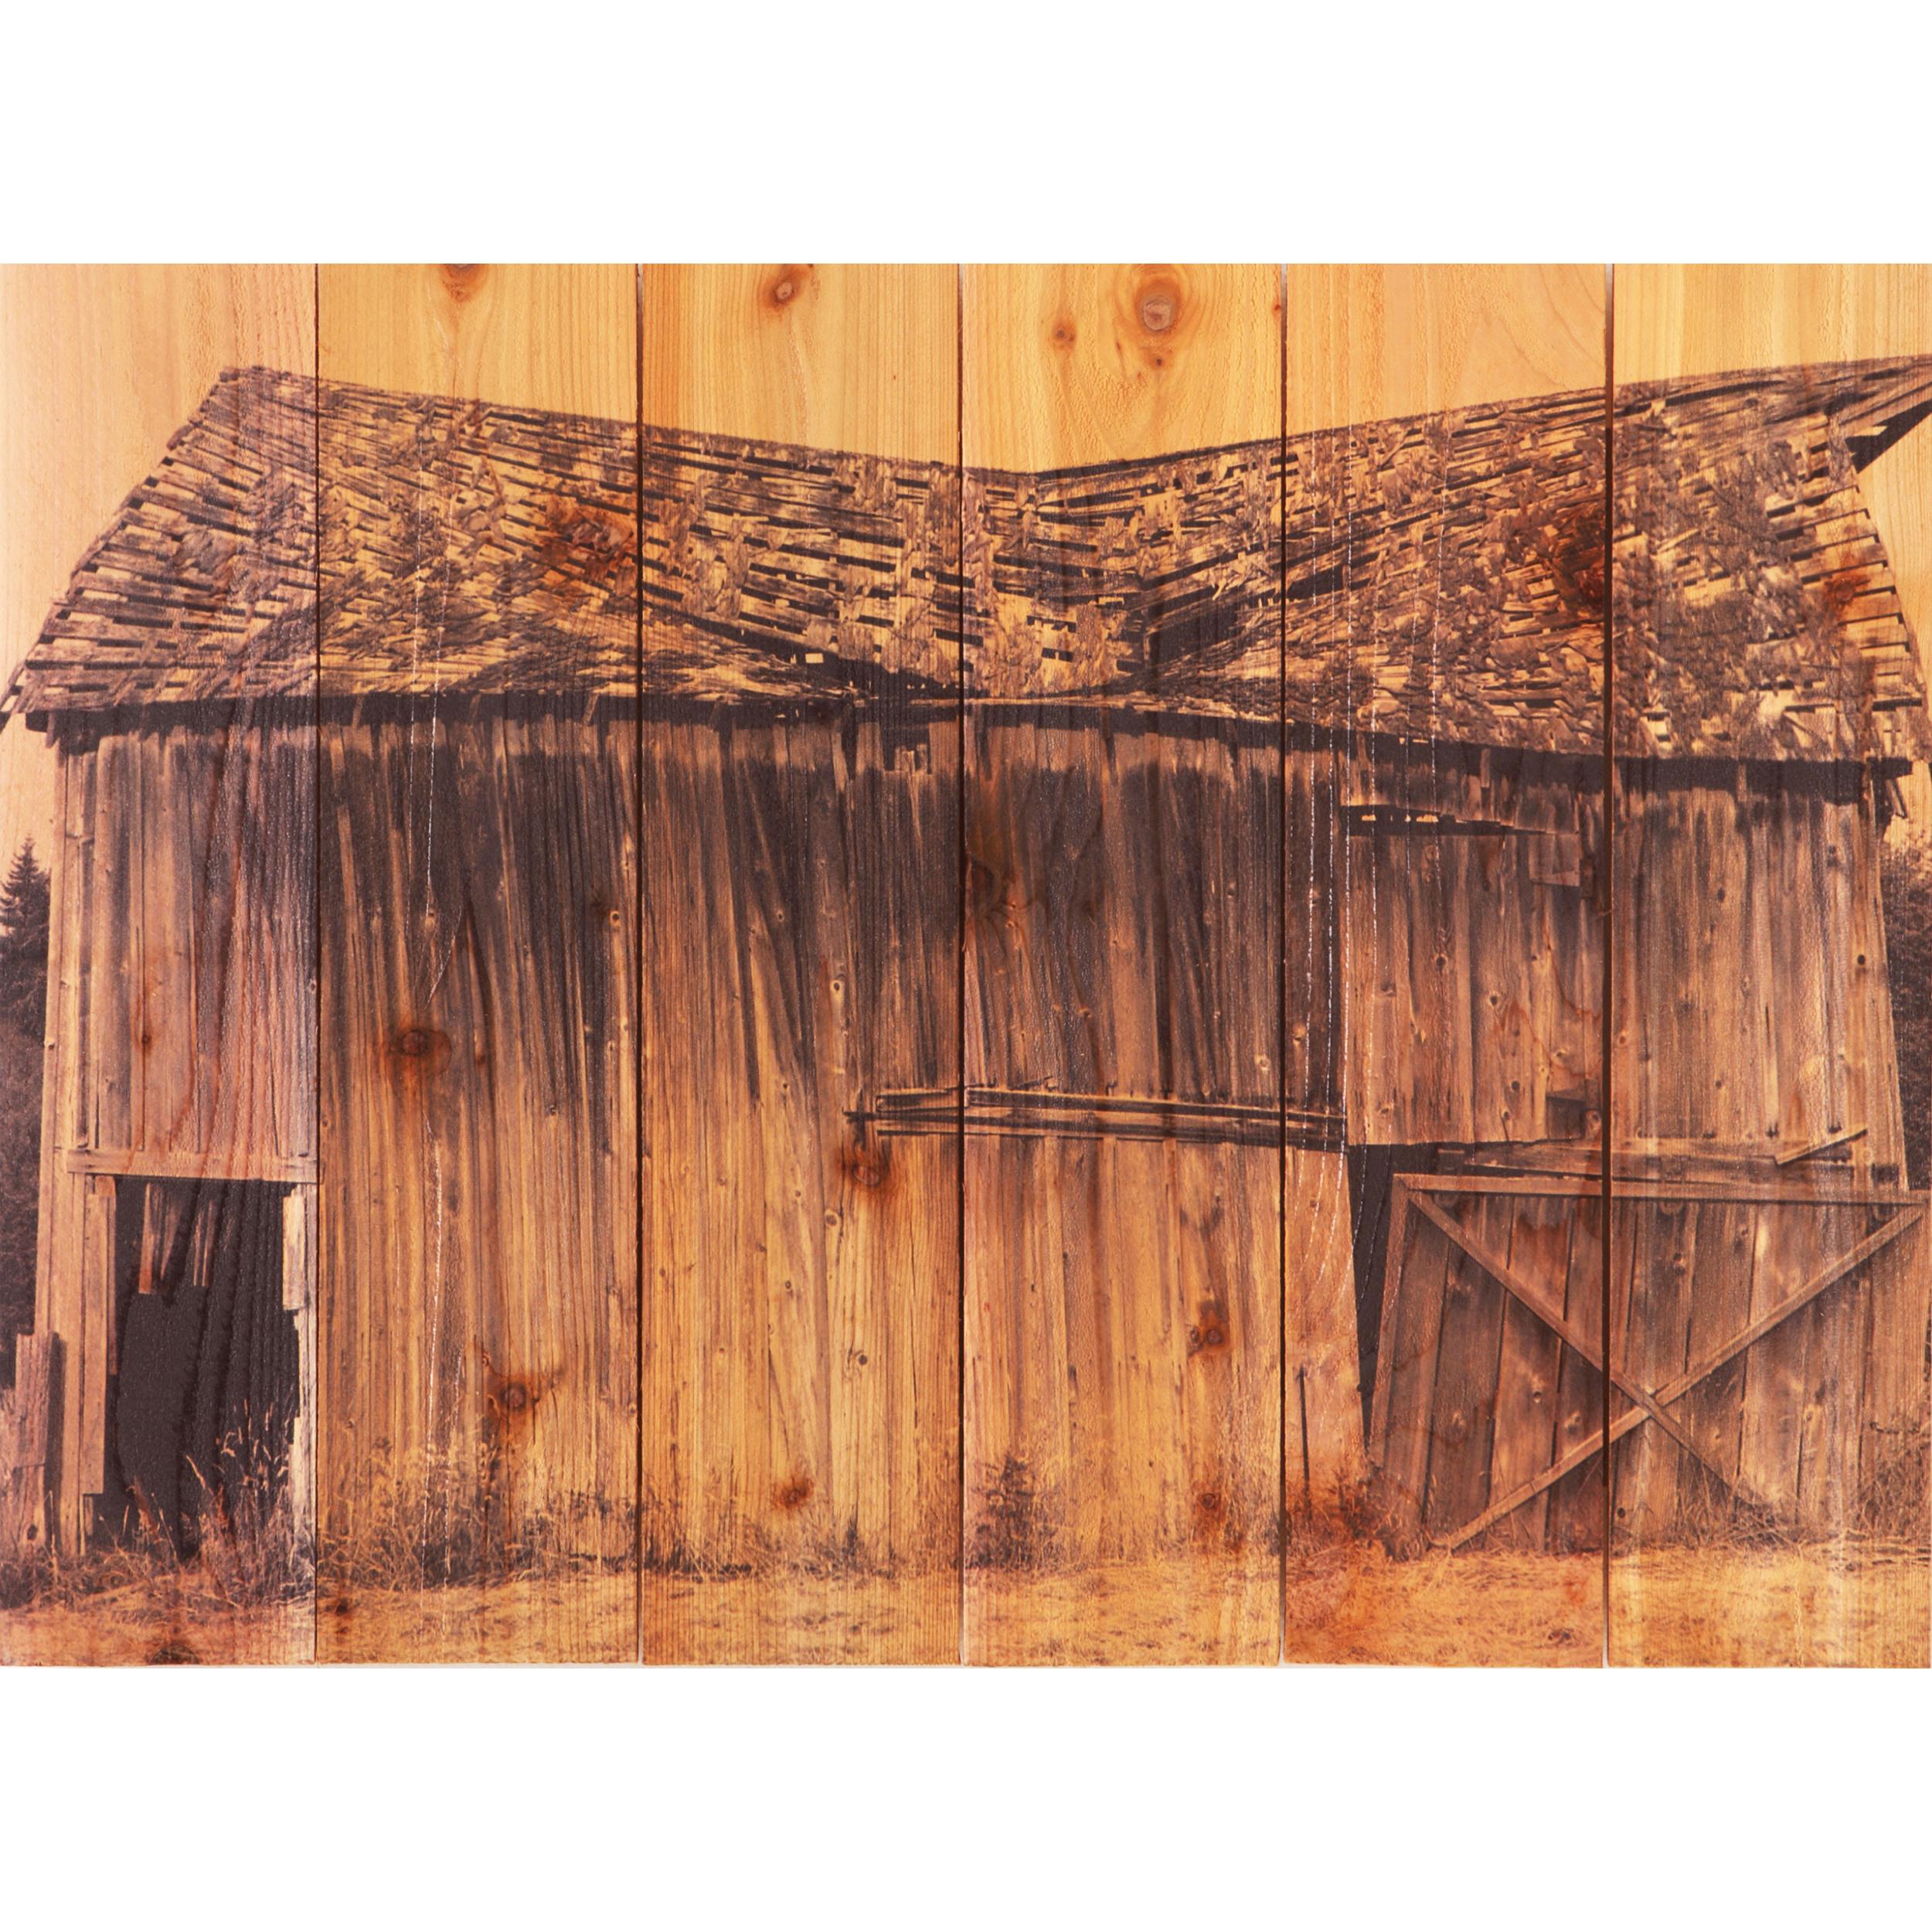 Daydream Gizaun Cedar Wall Art, Old Barn, 33